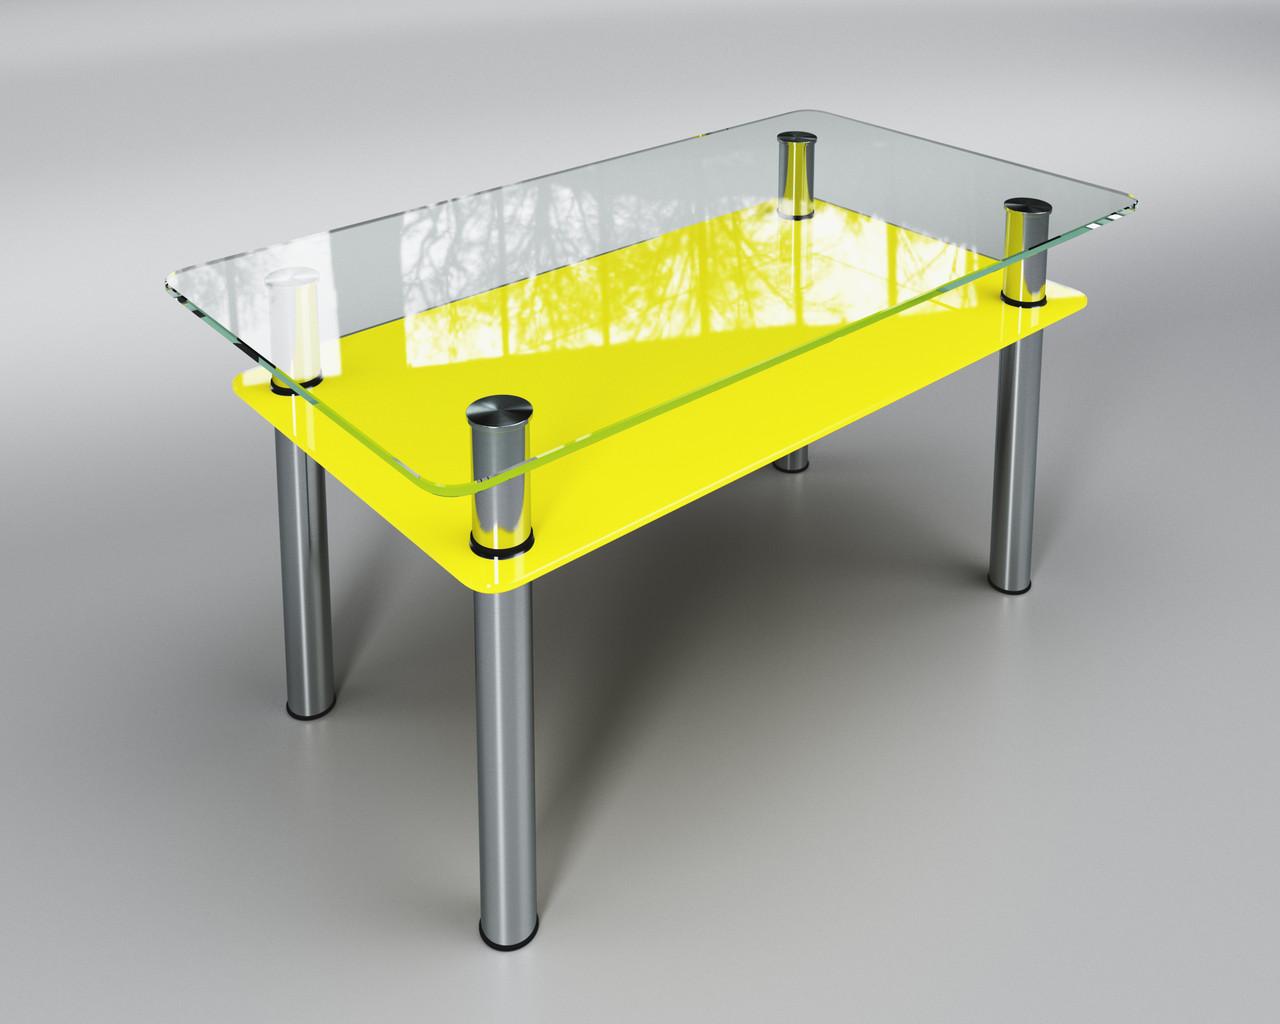 Стеклянный стол Вега с полкой (журнальный) желтый